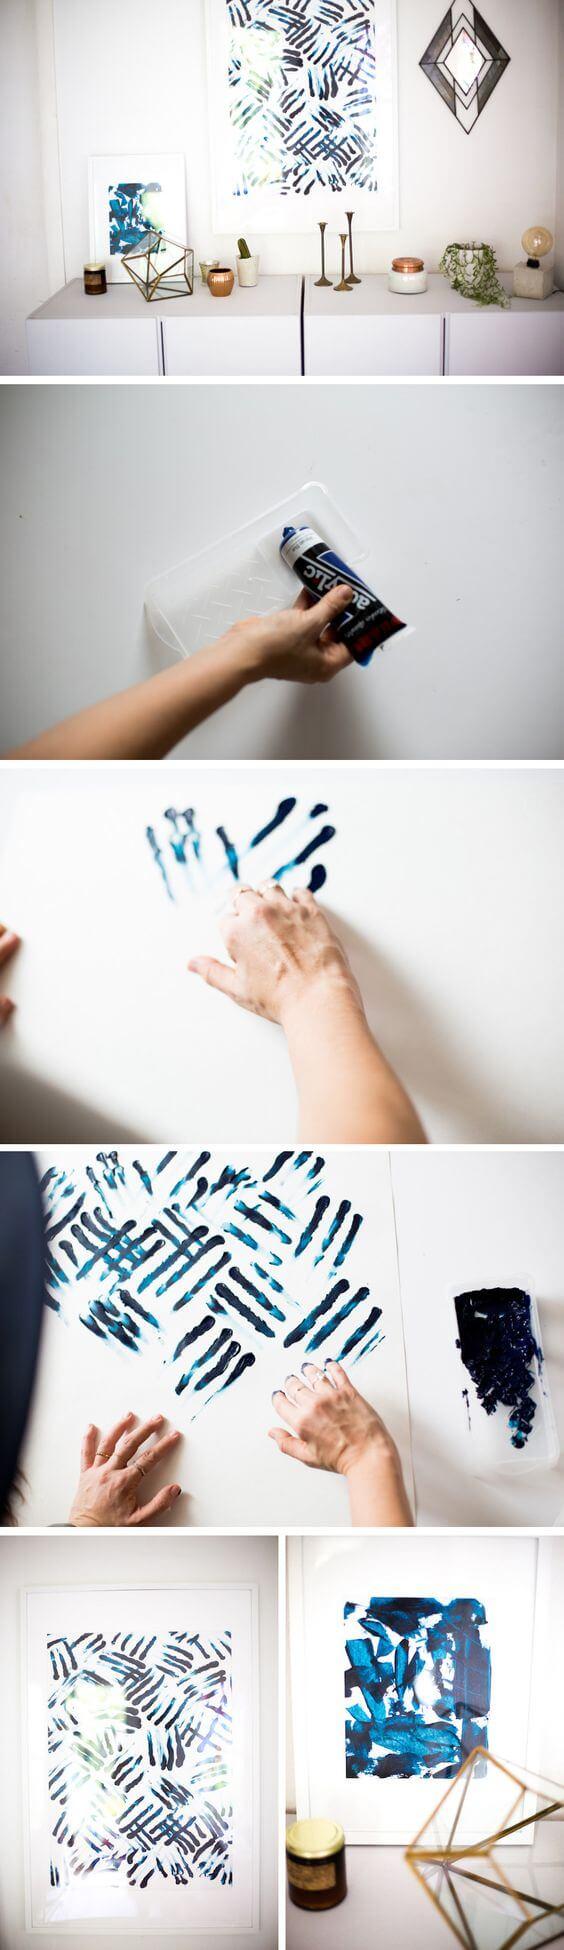 как нарисовать картину просто